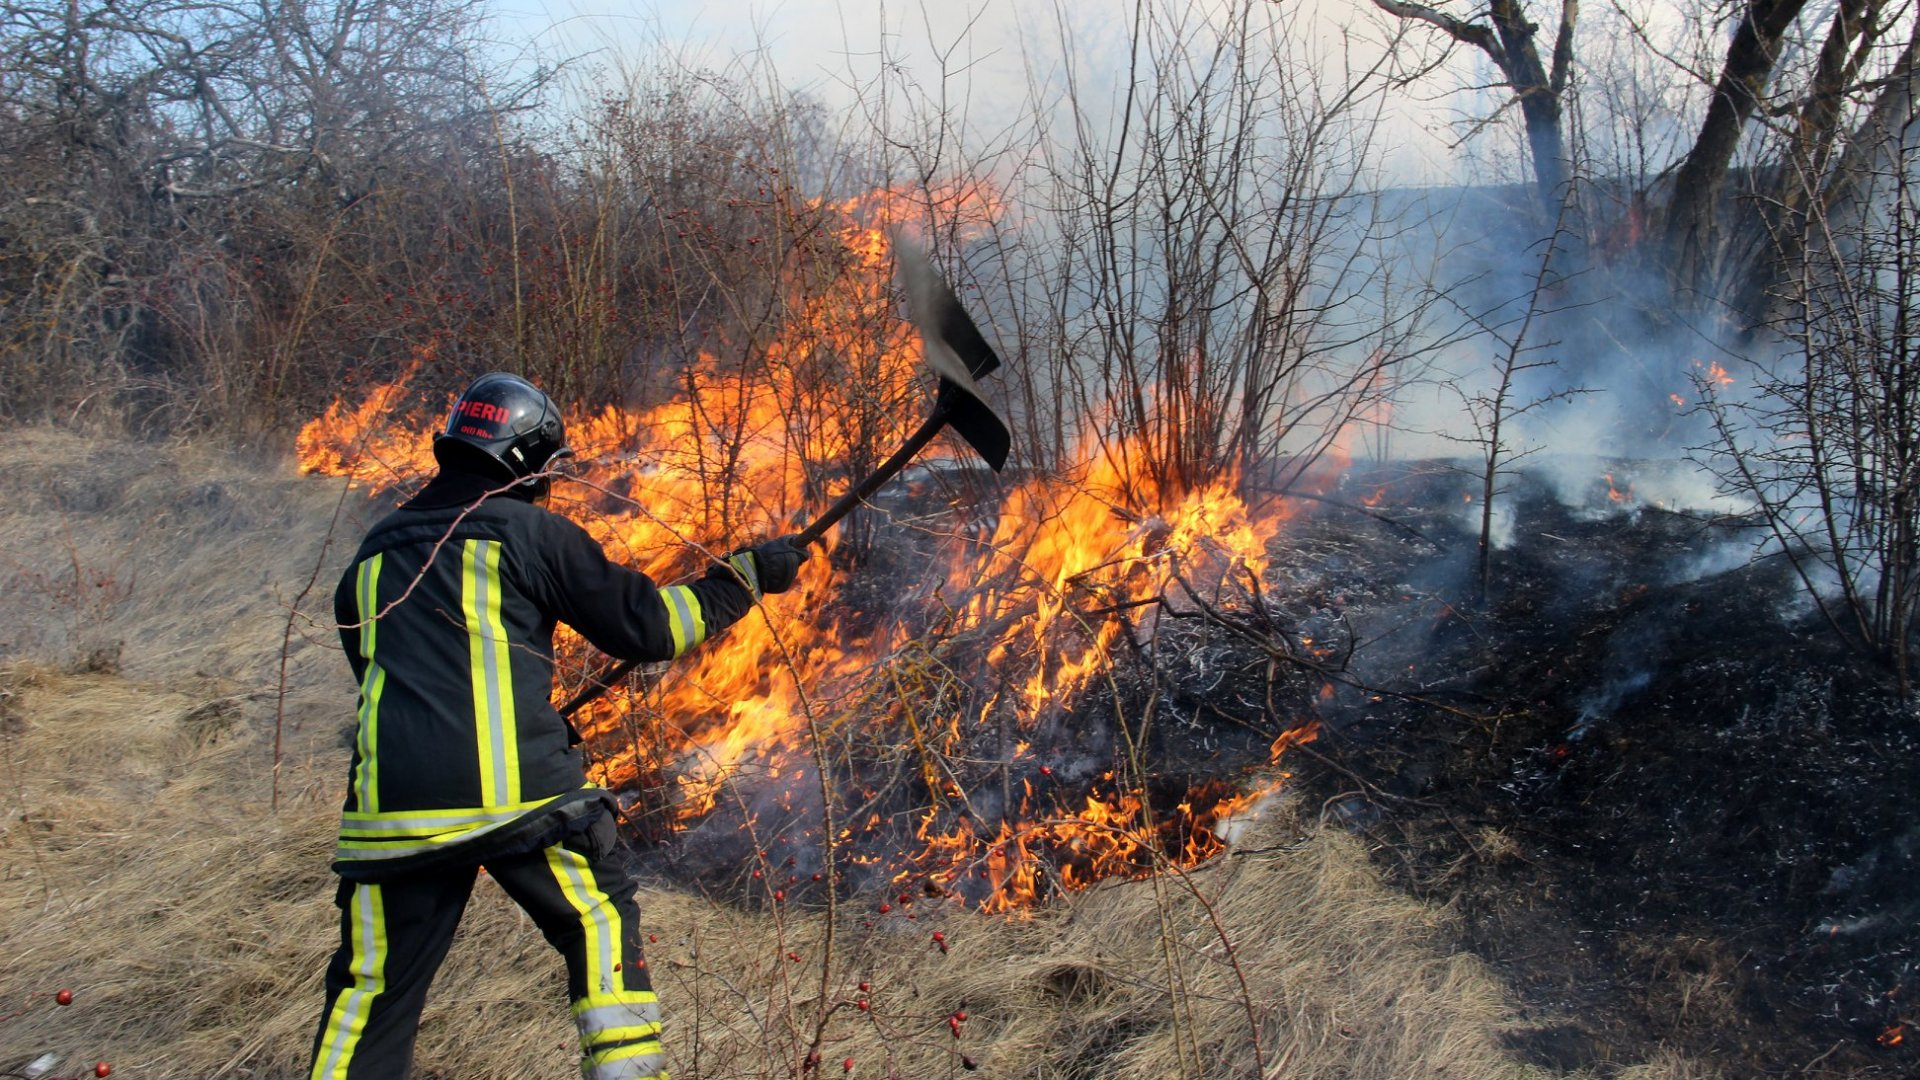 Soluția pentru prevenirea incendiilor - respectarea regulilor de securitate